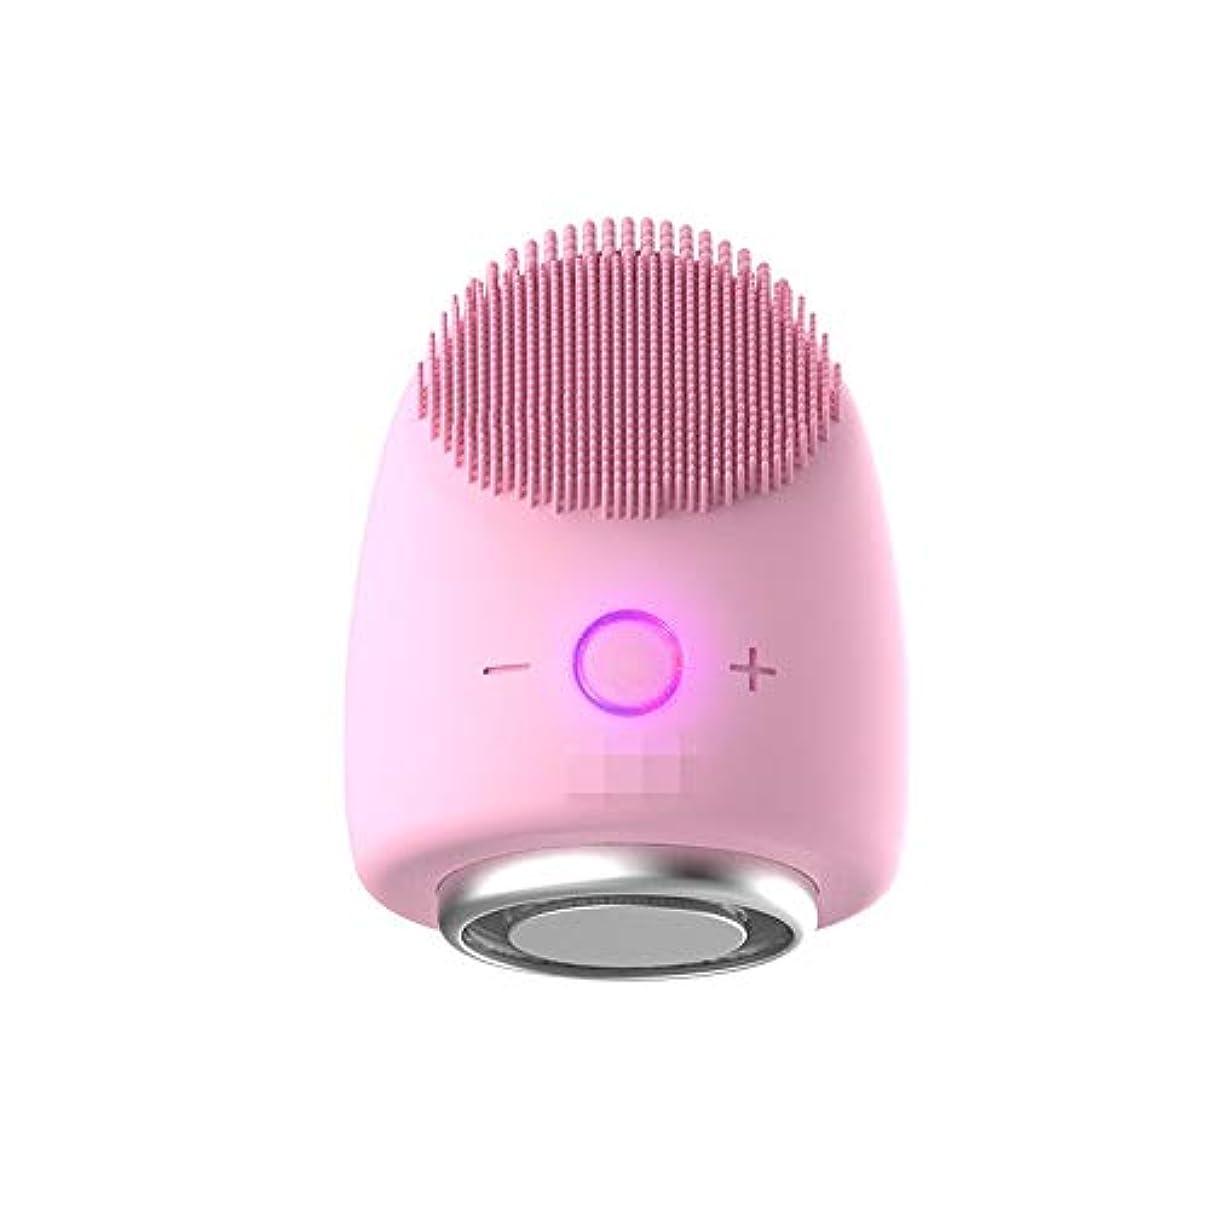 もちろん局強調Donghechengkang 多機能美容器具洗浄器具導入器具凝縮ホットドレッシング肌活性化器具 (Color : ピンク)